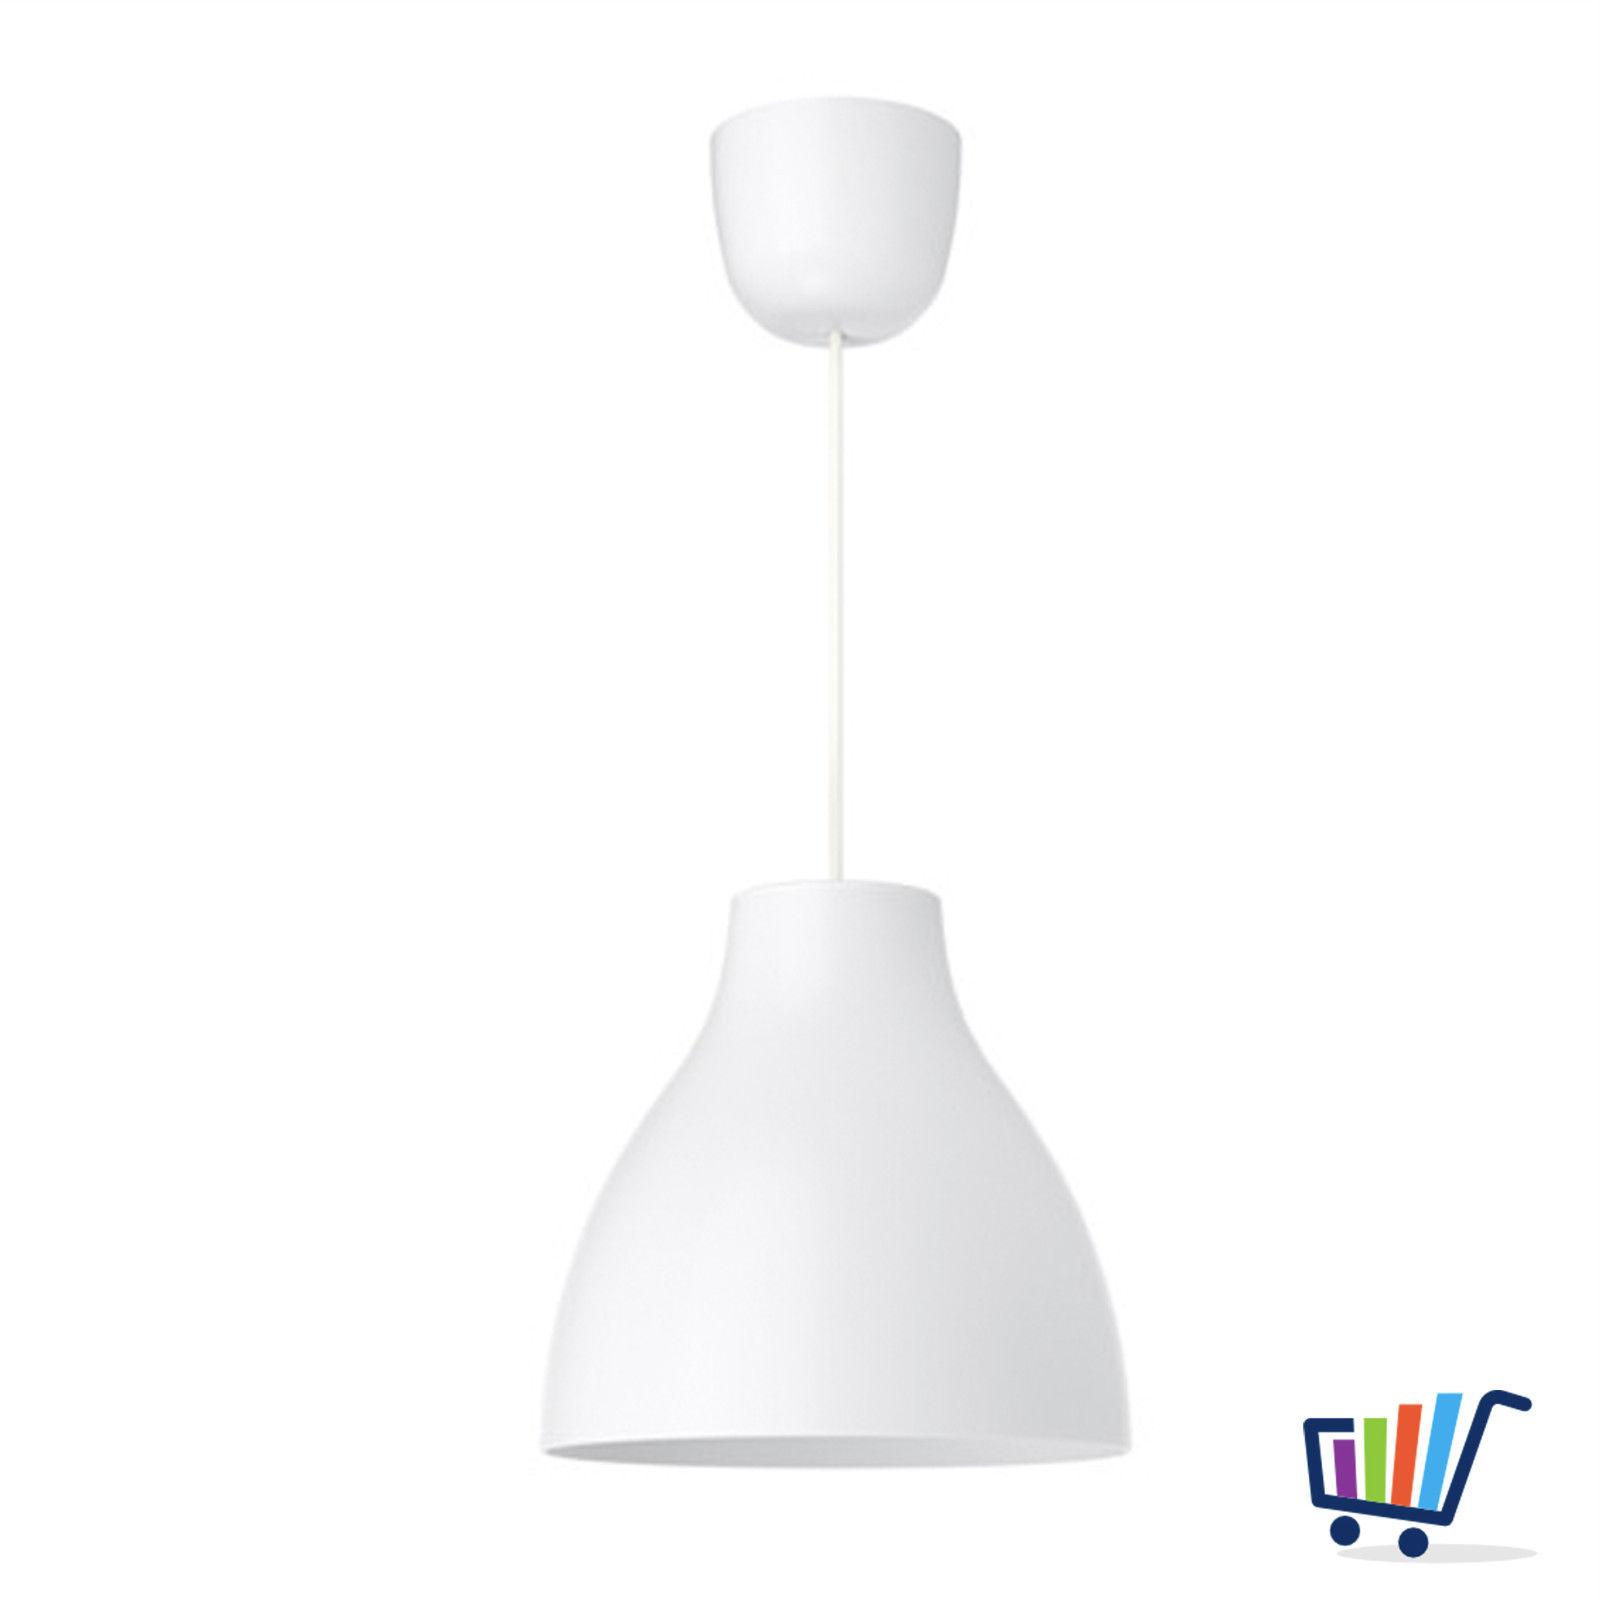 ikea melodi hängelampe hängeleuchte deckenlampe lampe küchenlampe